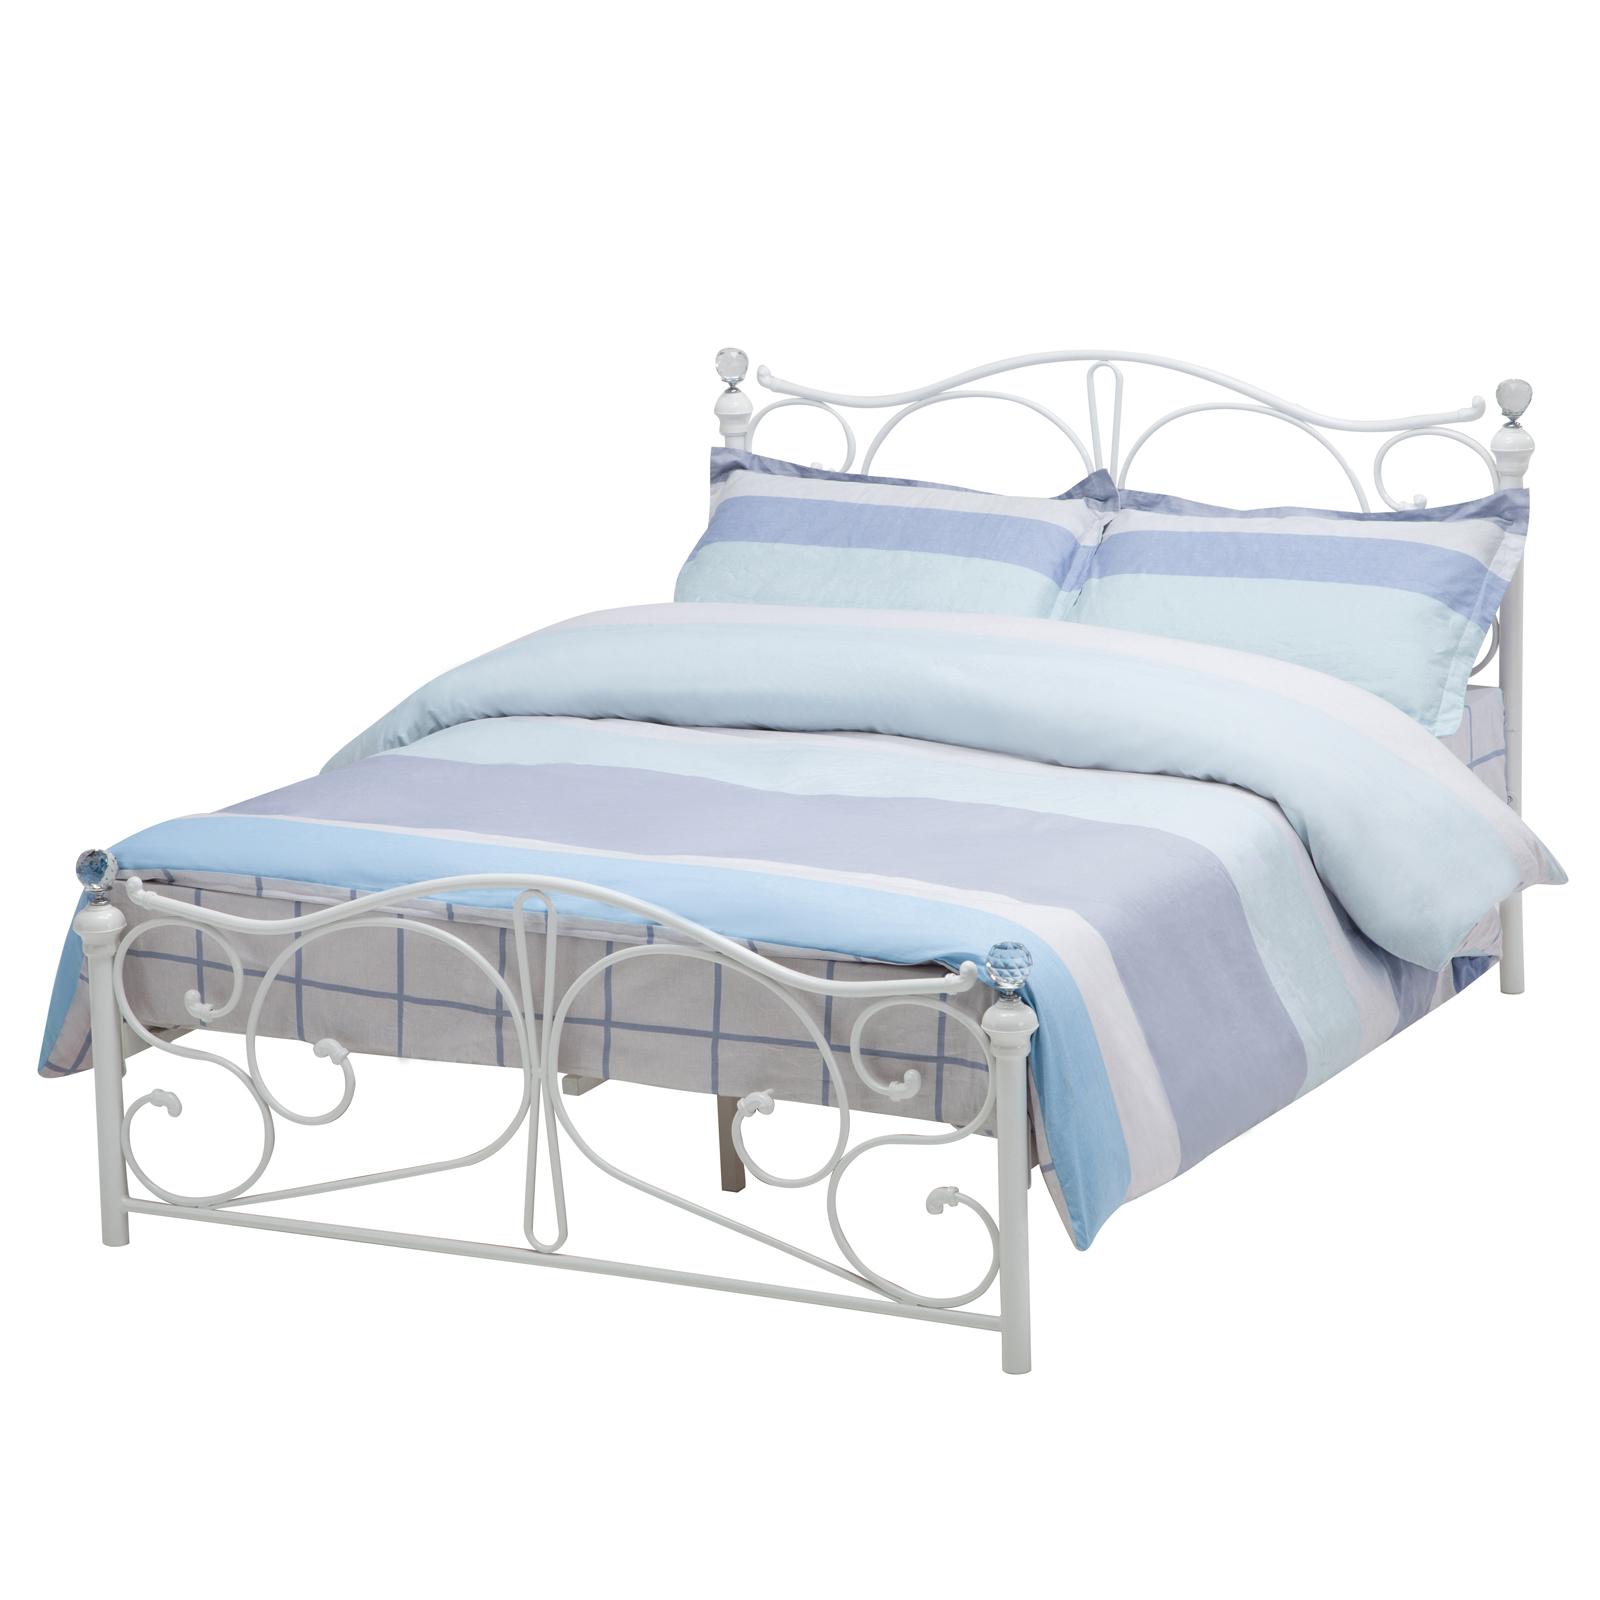 twin full size metal bed frame wood slats headboard footboard bedroom furniture ebay. Black Bedroom Furniture Sets. Home Design Ideas